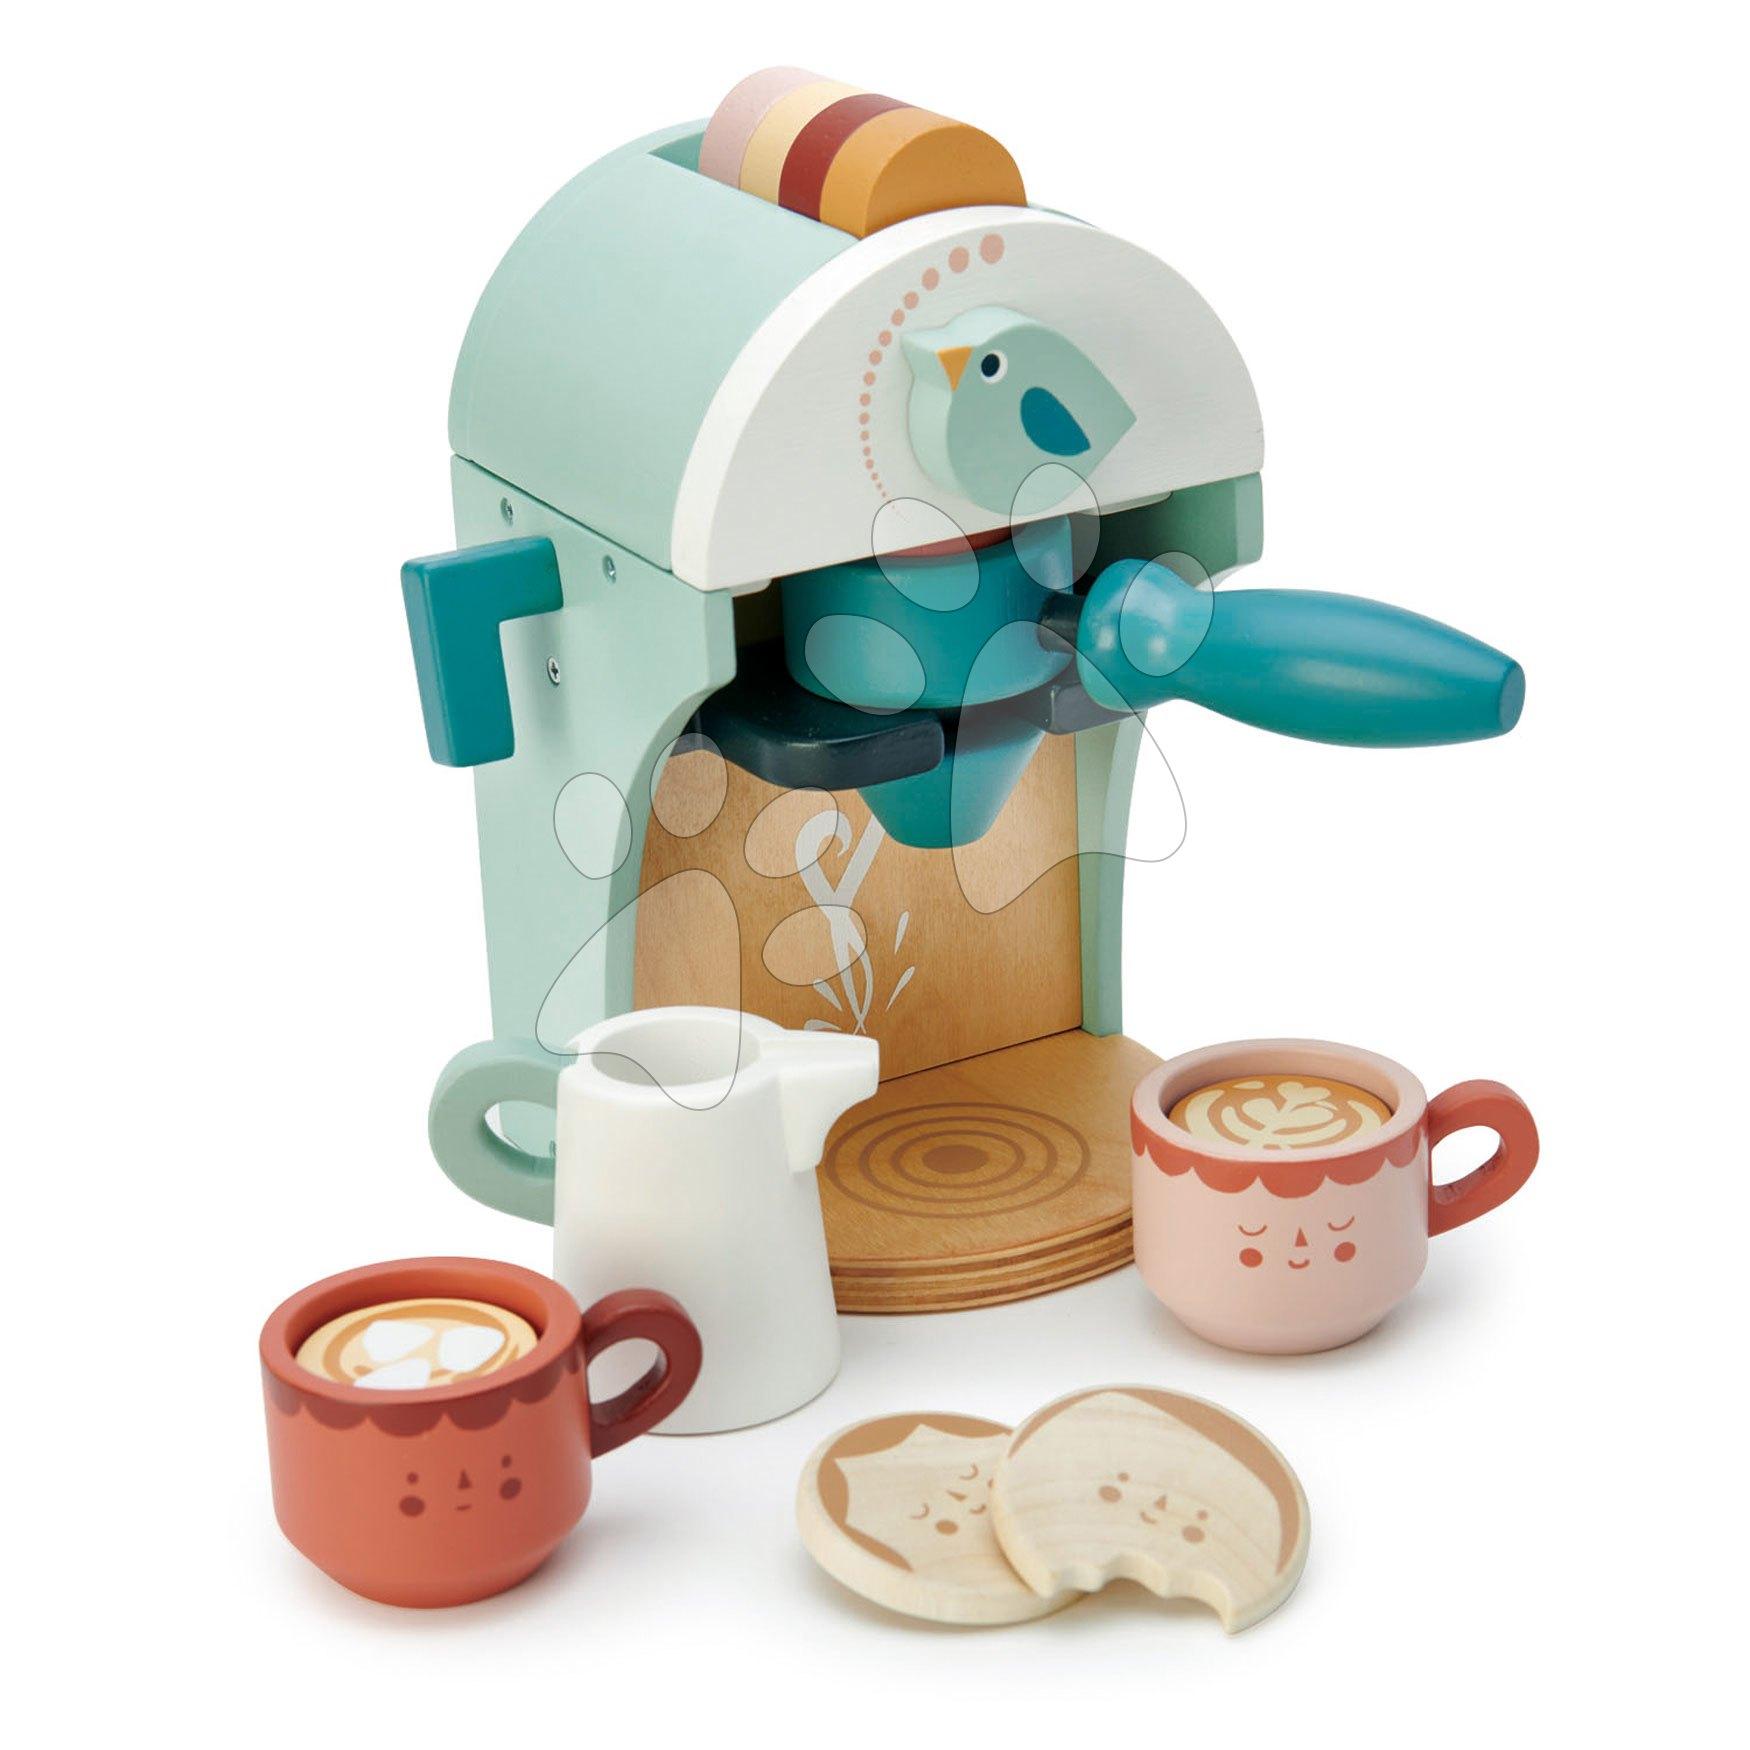 Dřevěný kávovar Cappuccino Babyccino Maker Tender Leaf Toys s dvěma šálky a sušenkami s mlékem